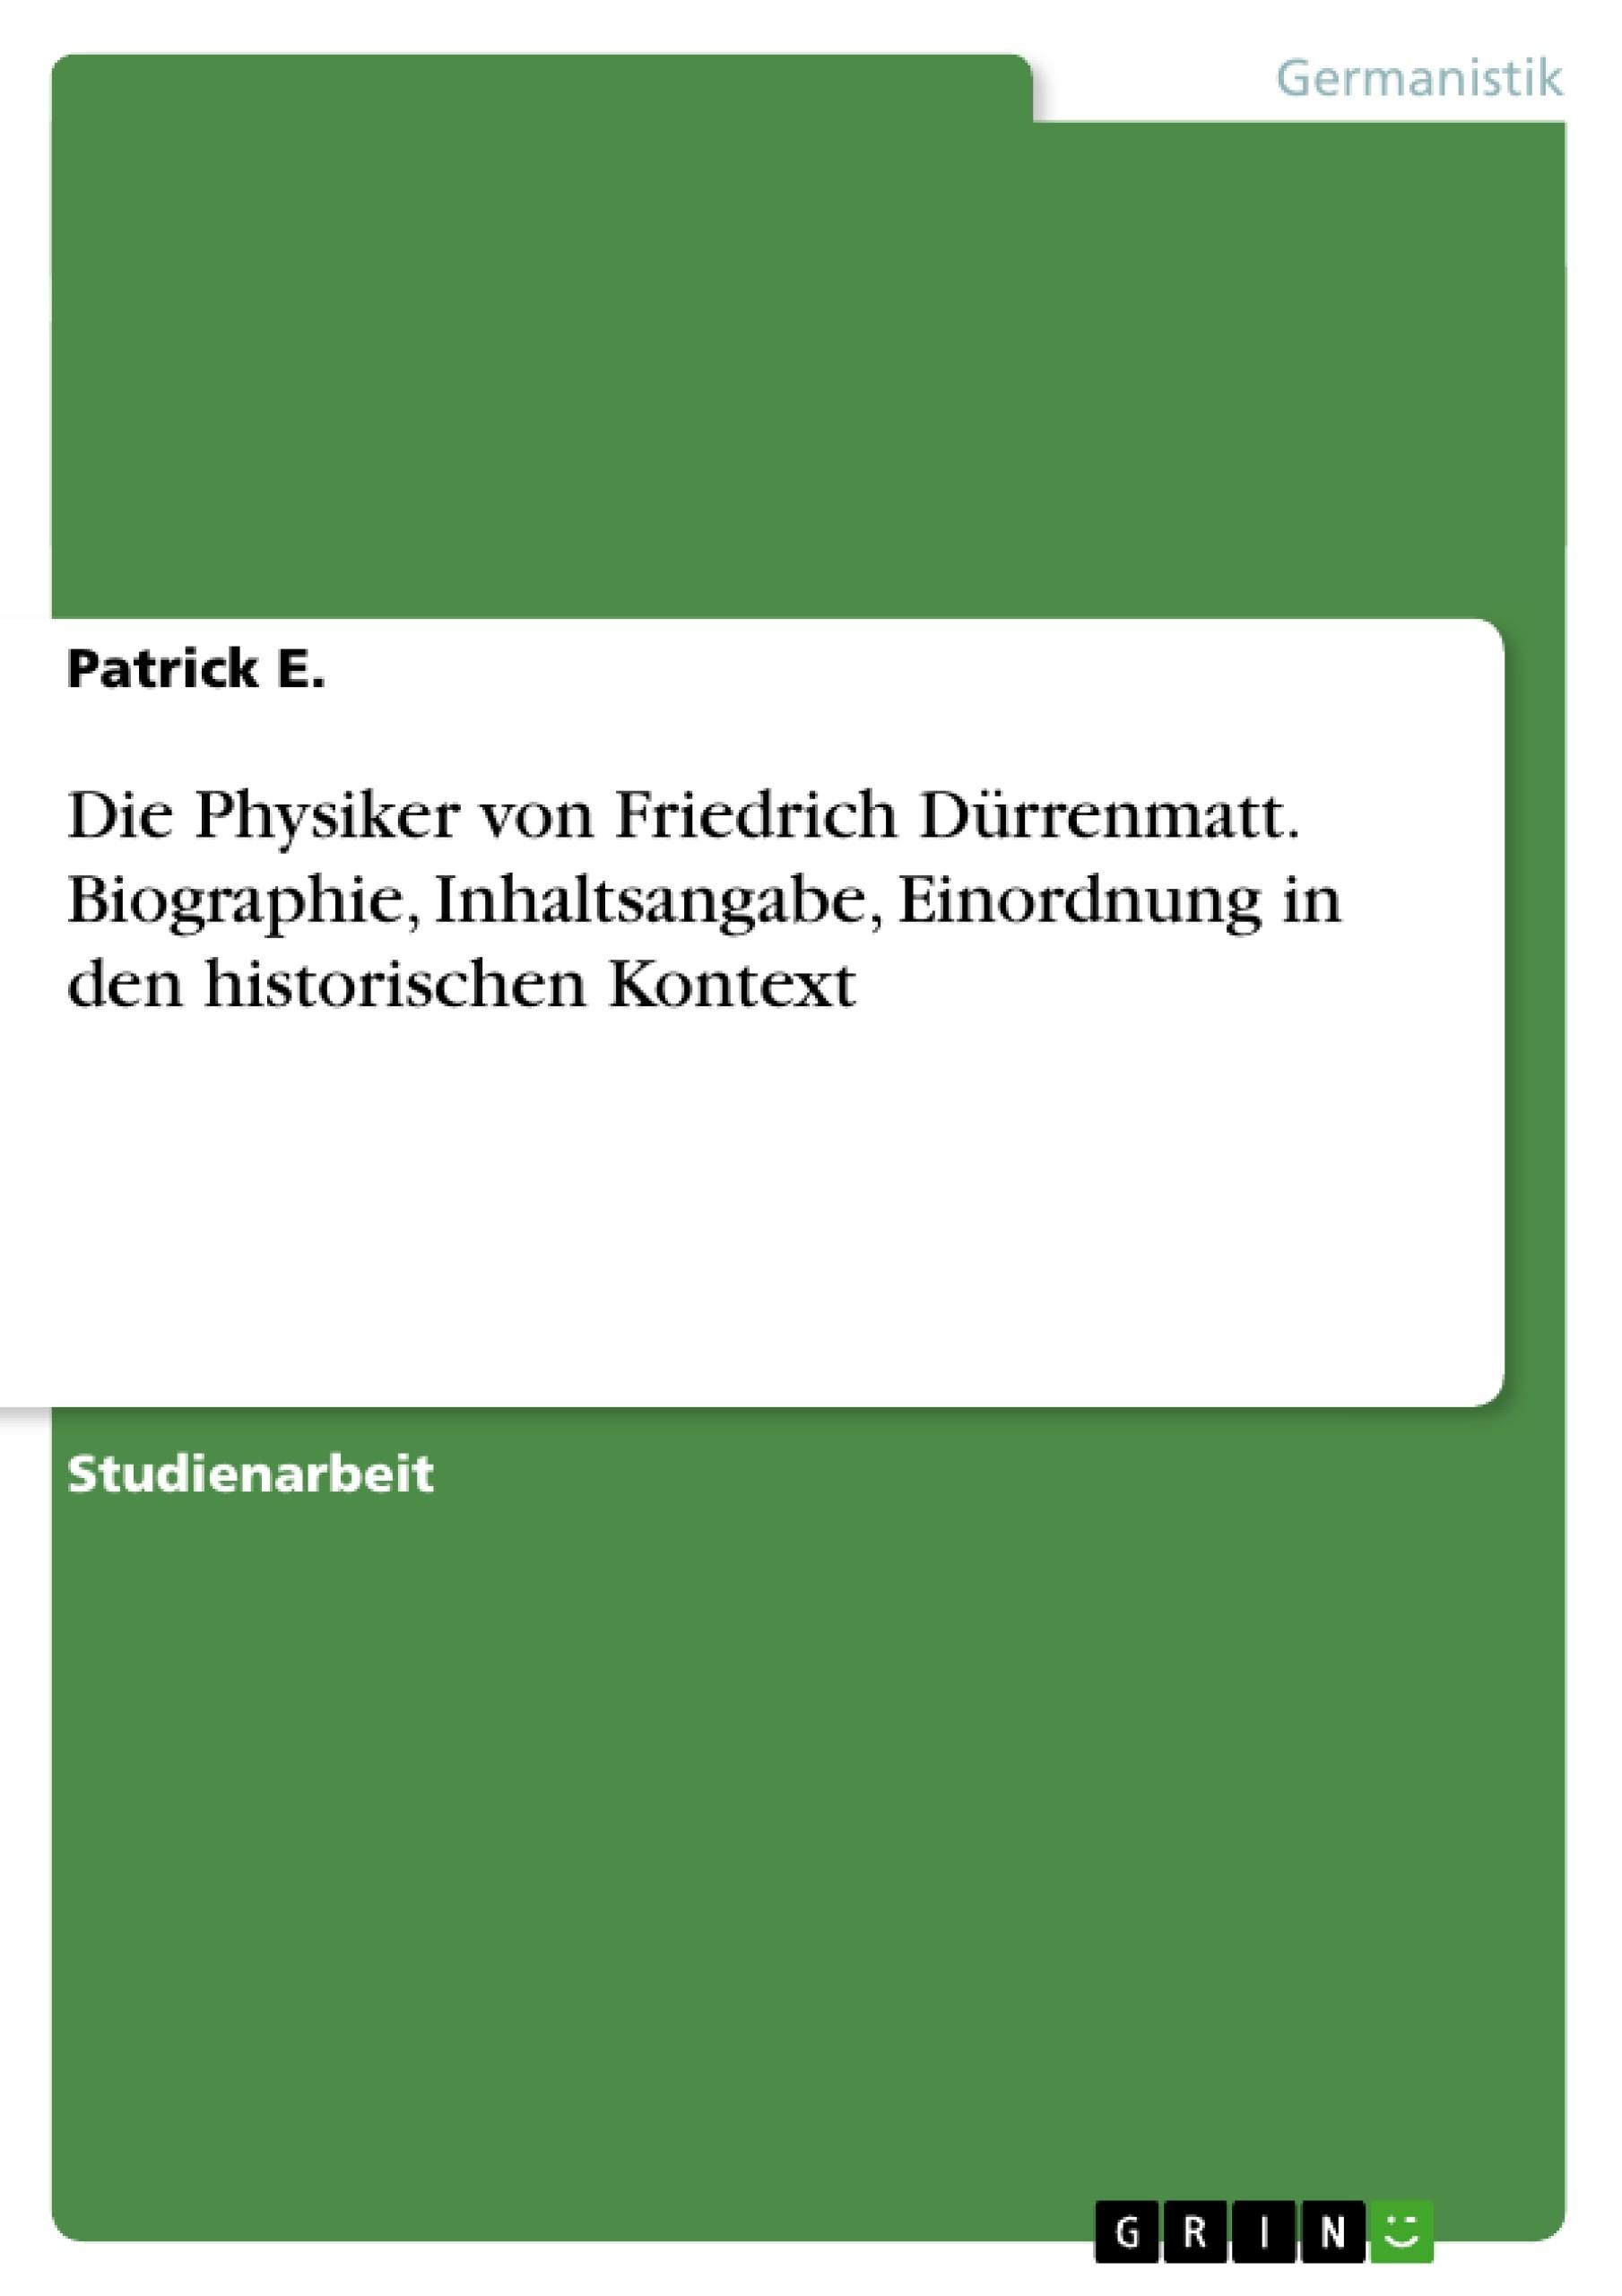 Titel: Die Physiker  von Friedrich Dürrenmatt. Biographie, Inhaltsangabe, Einordnung in den historischen Kontext